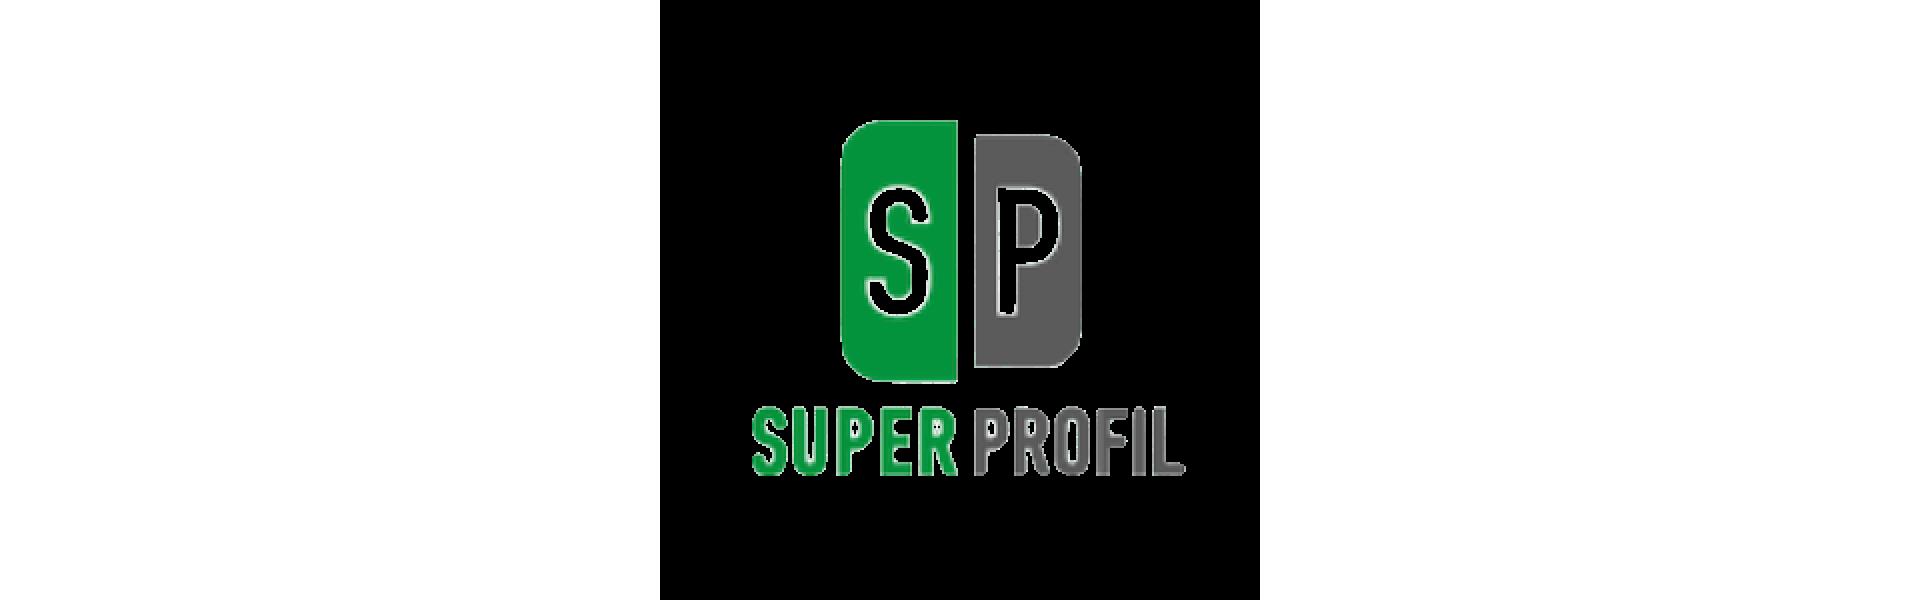 Напольный плинтус SUPER PROFIL купить в Киеве © Parket-Home